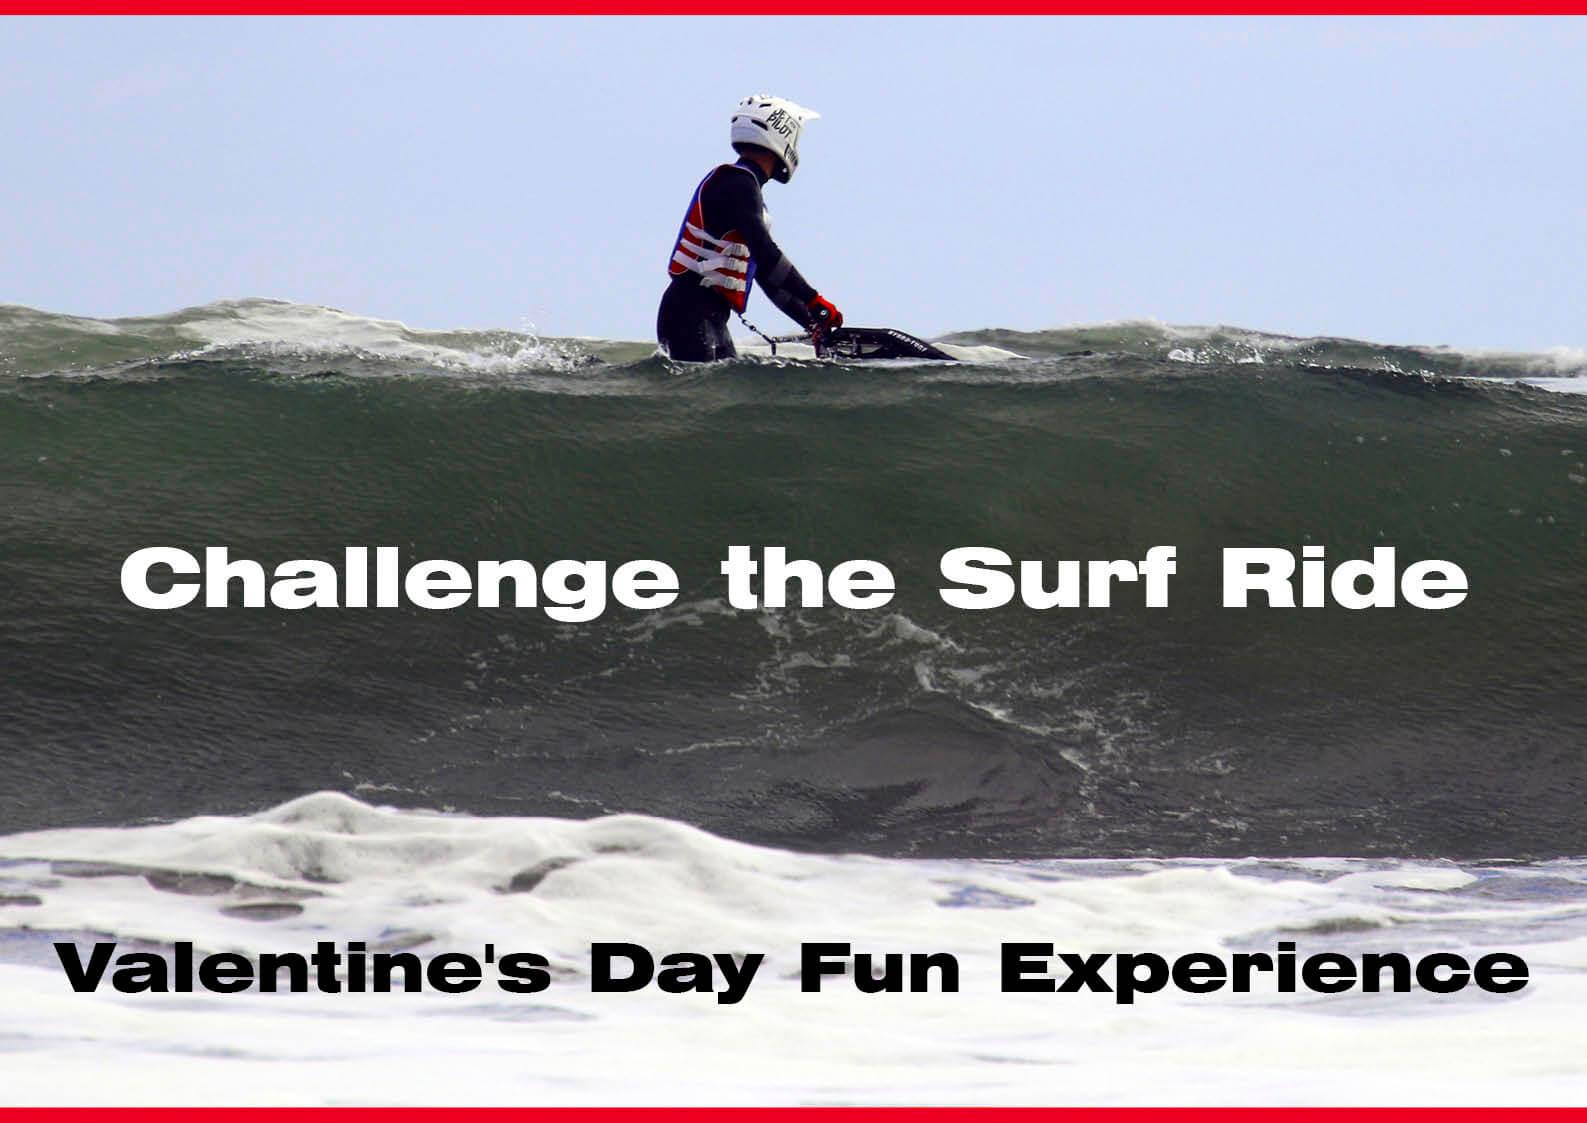 2021年、真冬の九十九里浜でサーフライドにチャレンジ! (水上バイク)ジェットスキー